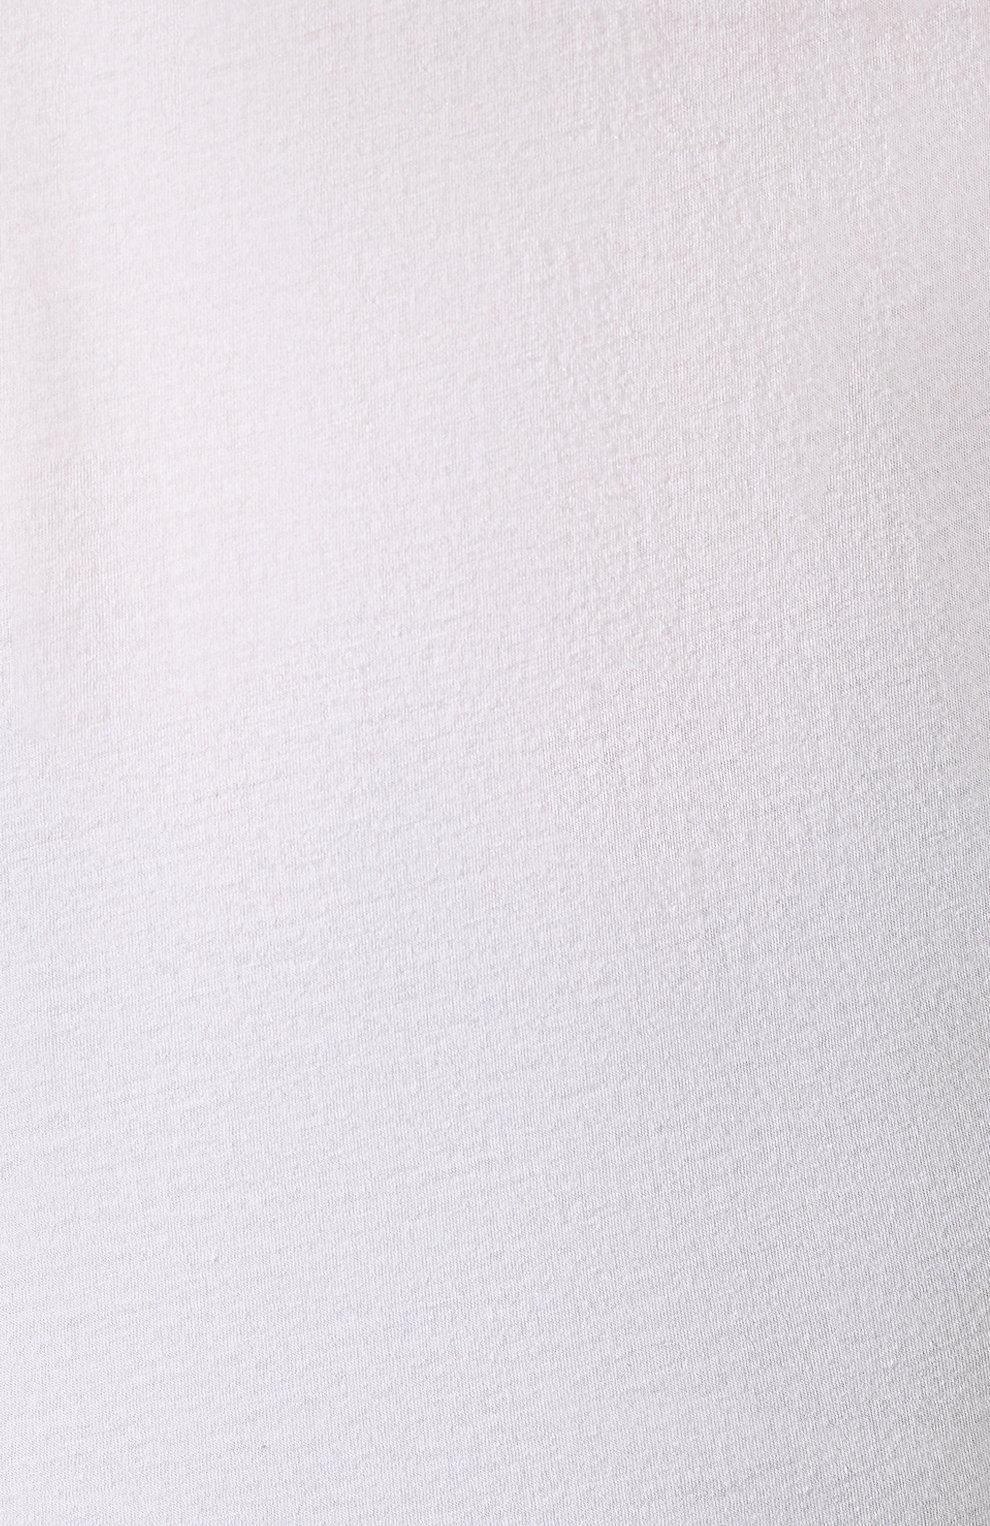 Мужская комплект из хлопковых футболок NEIL BARRETT черно-белого цвета, арт. PBJT588/M554S | Фото 5